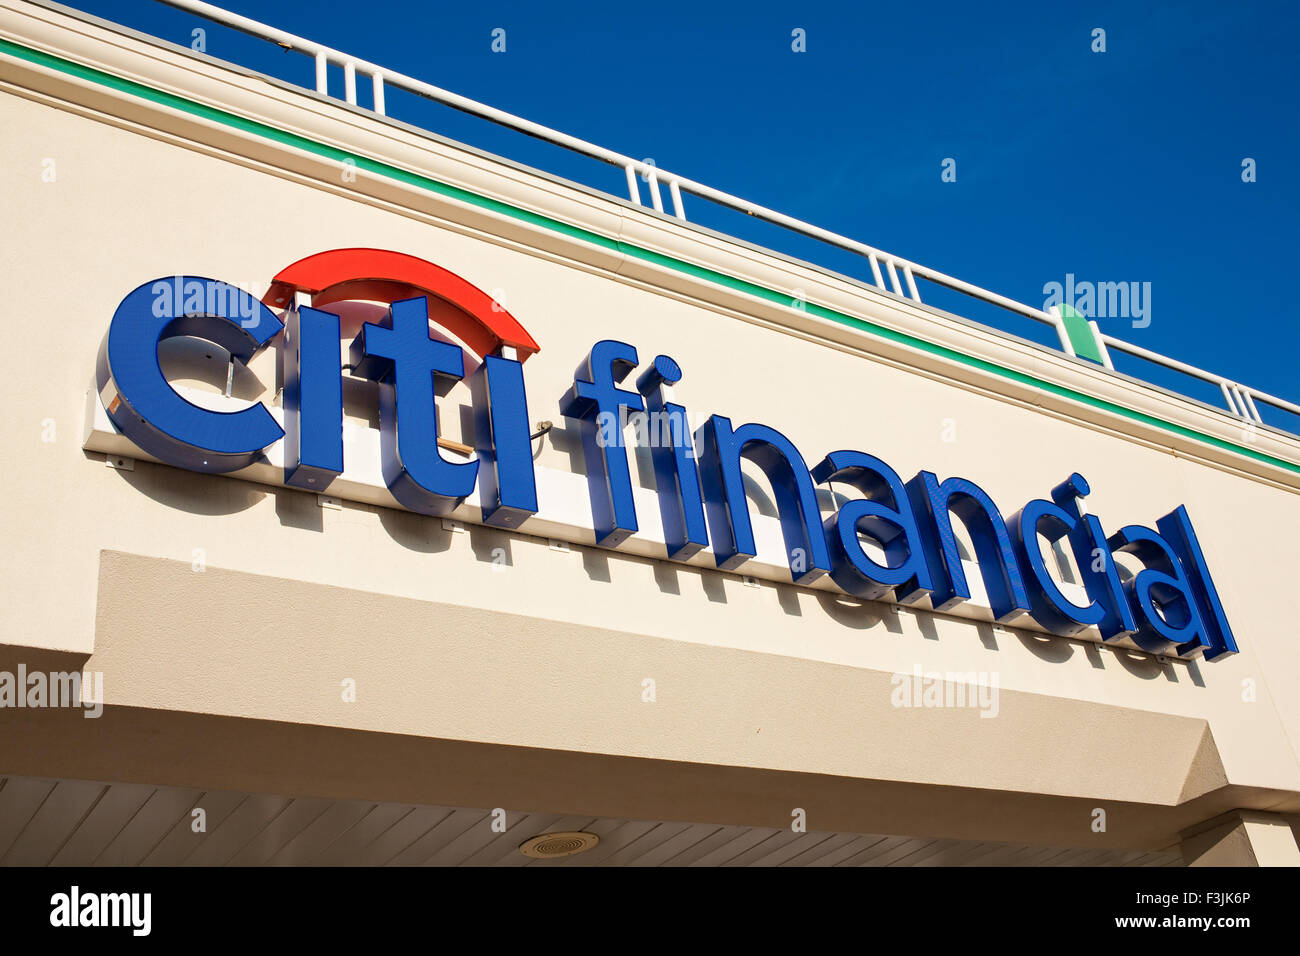 Citifinancial Car Loans